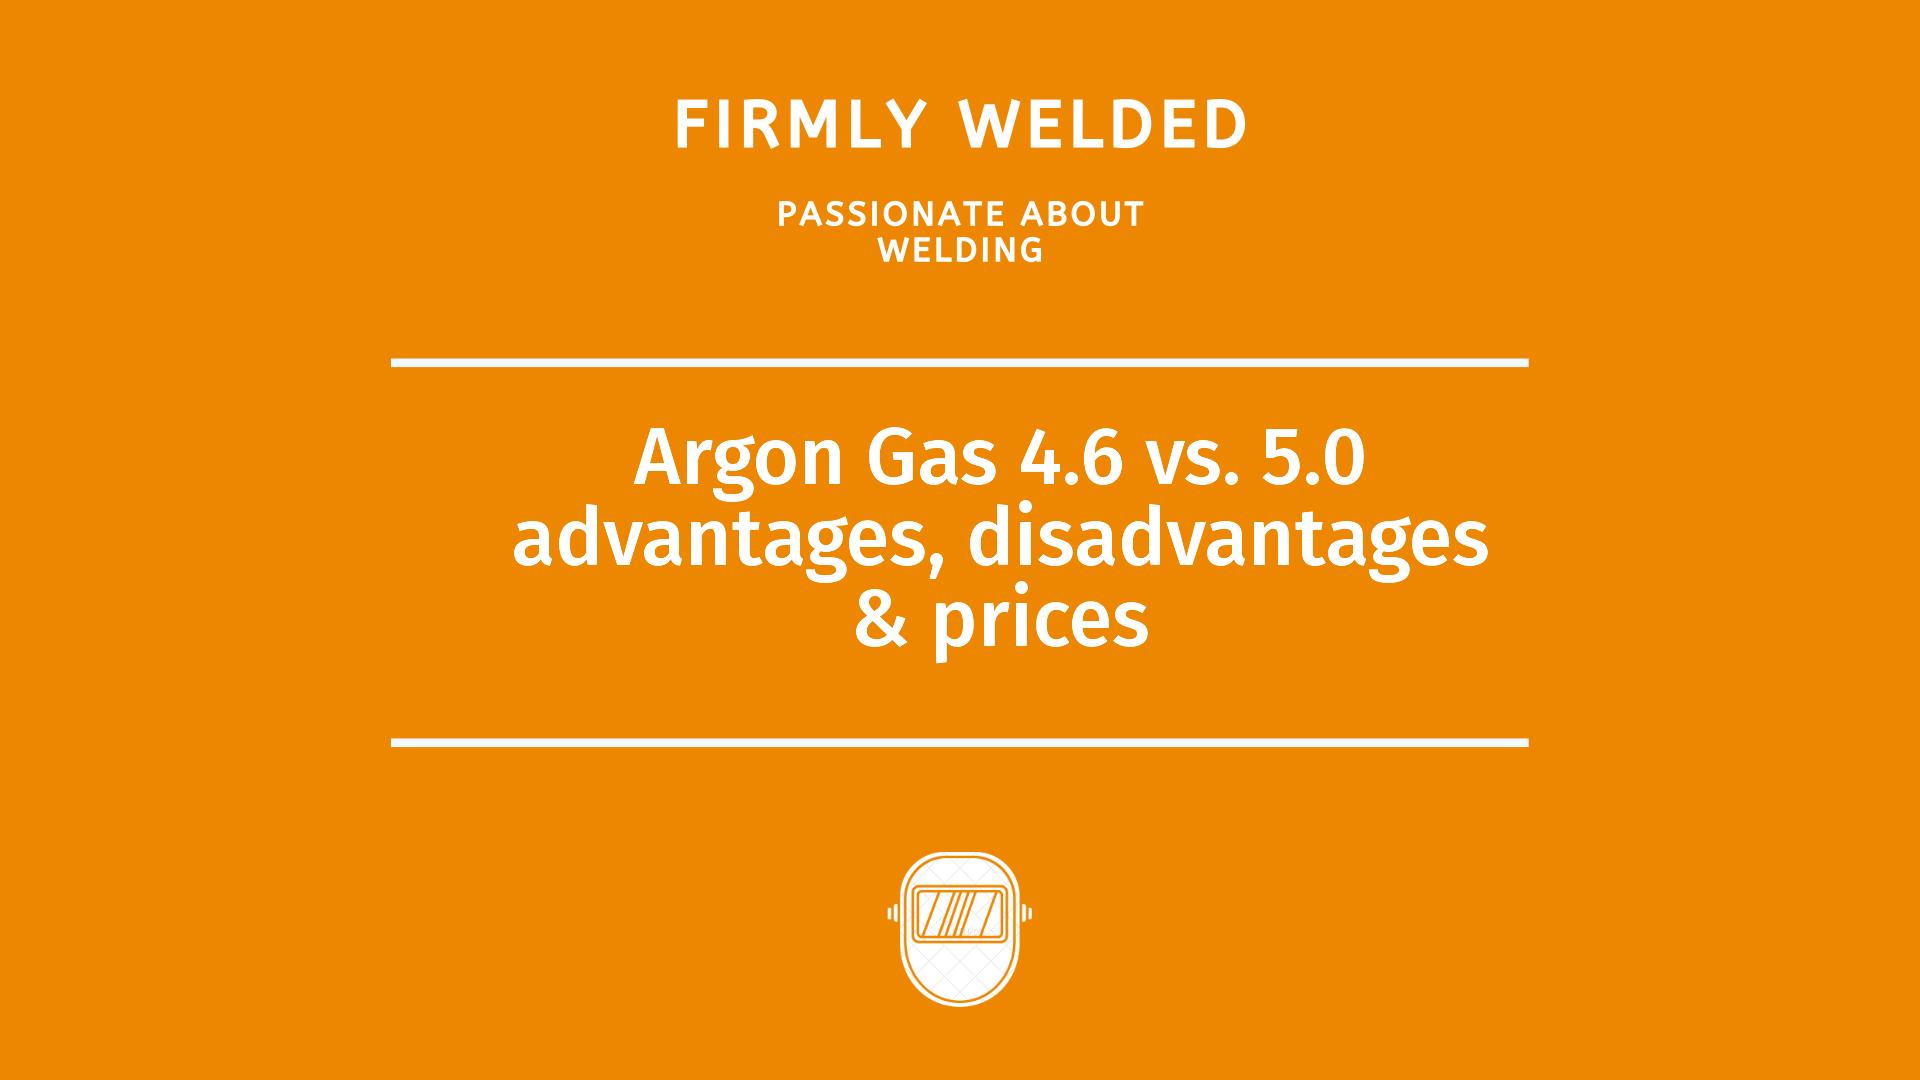 Argon Gas 4.6 vs. 5.0 advantages, disadvantages & prices